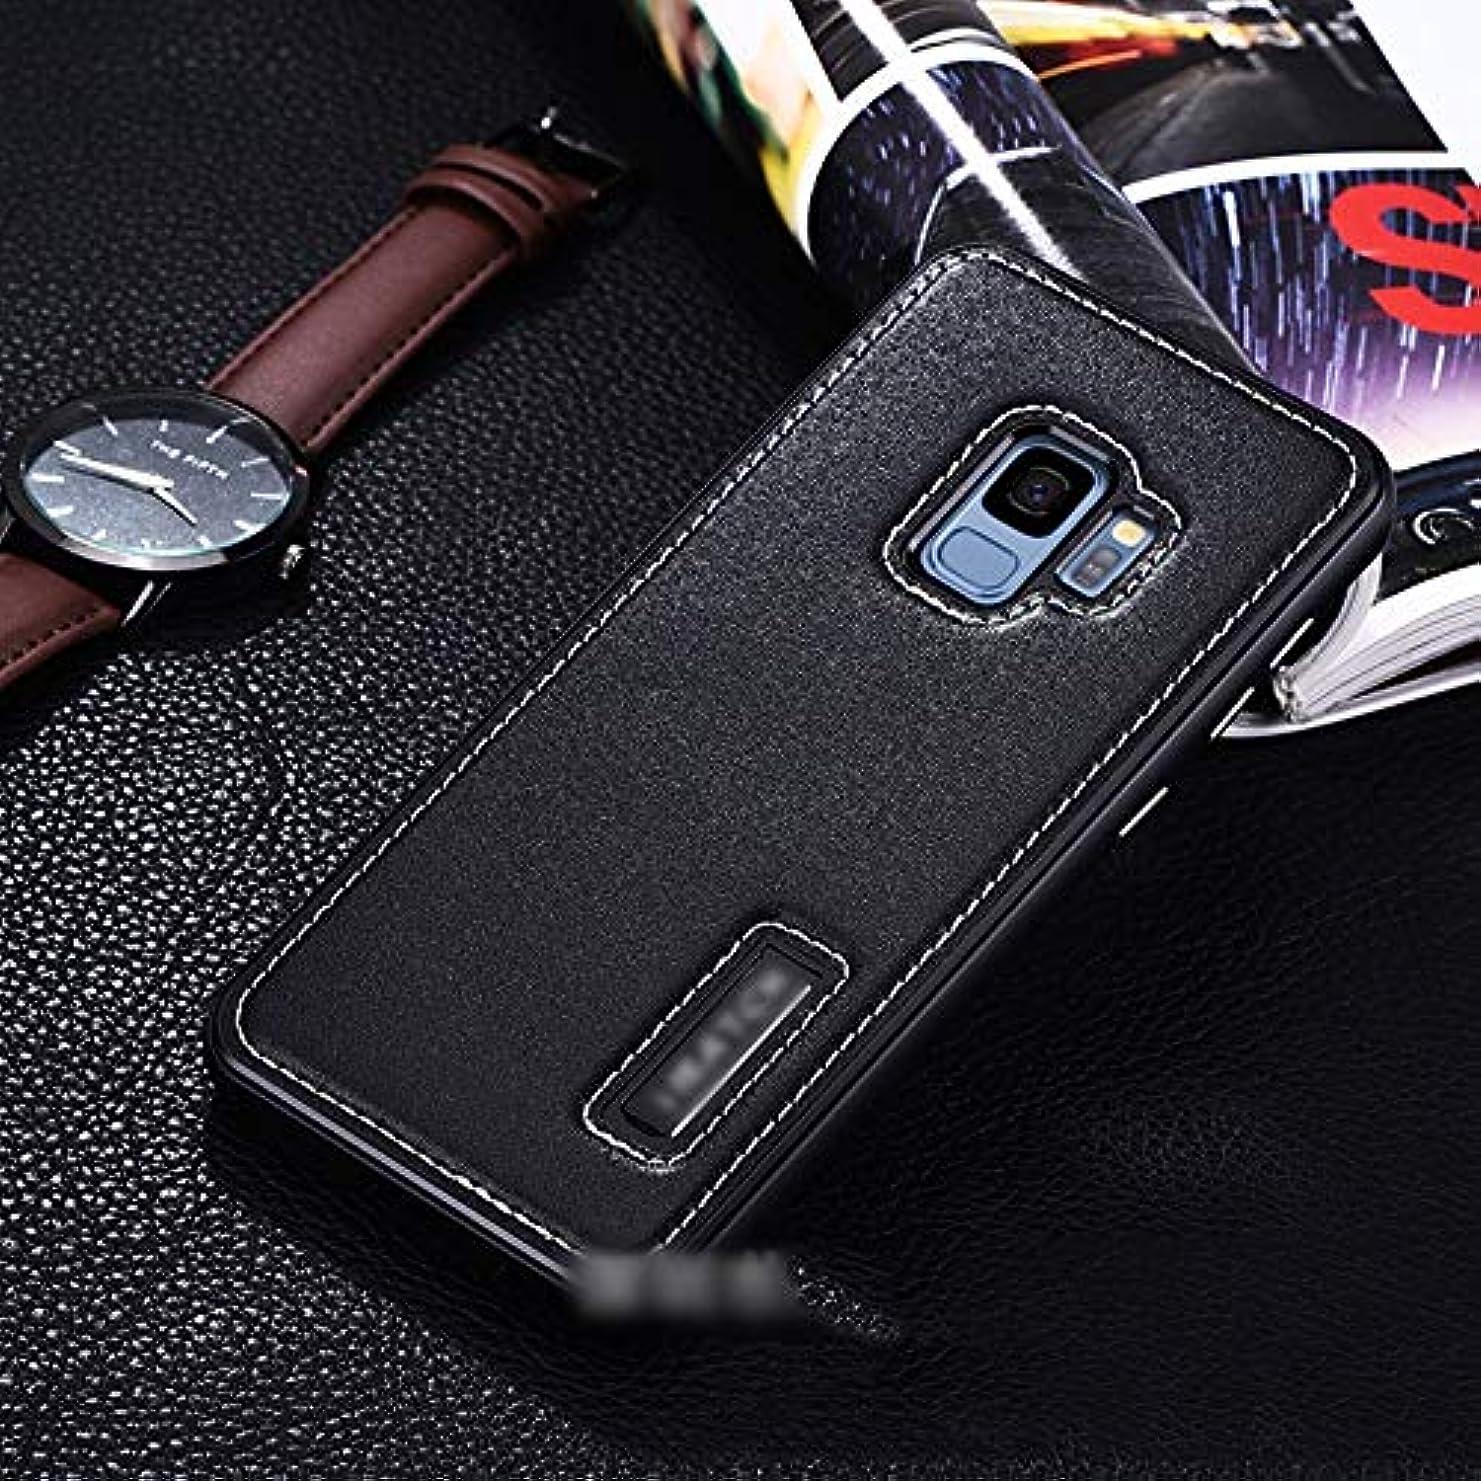 豊富にアーサー休暇Tonglilili 電話ケース、メタル電話カバーサムスンS9プラス、S9、注9、S8プラス、S8、注8の新しい高級レザーケース電話ケース (Color : 黒, Edition : S8)